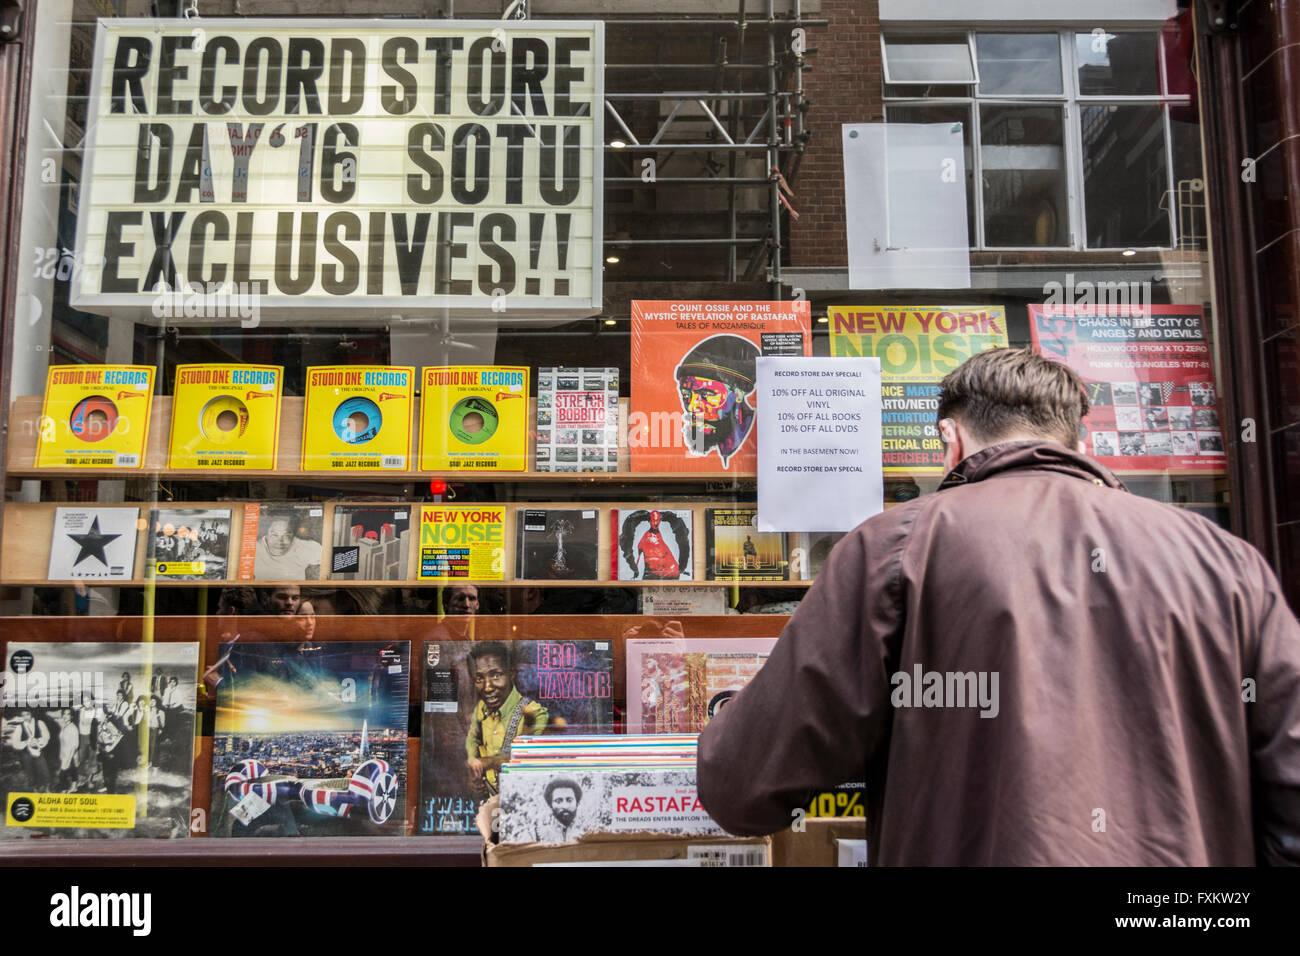 Personas que compran en la Tienda de Discos Independientes Día en Soho, Londres, Reino Unido. Imagen De Stock